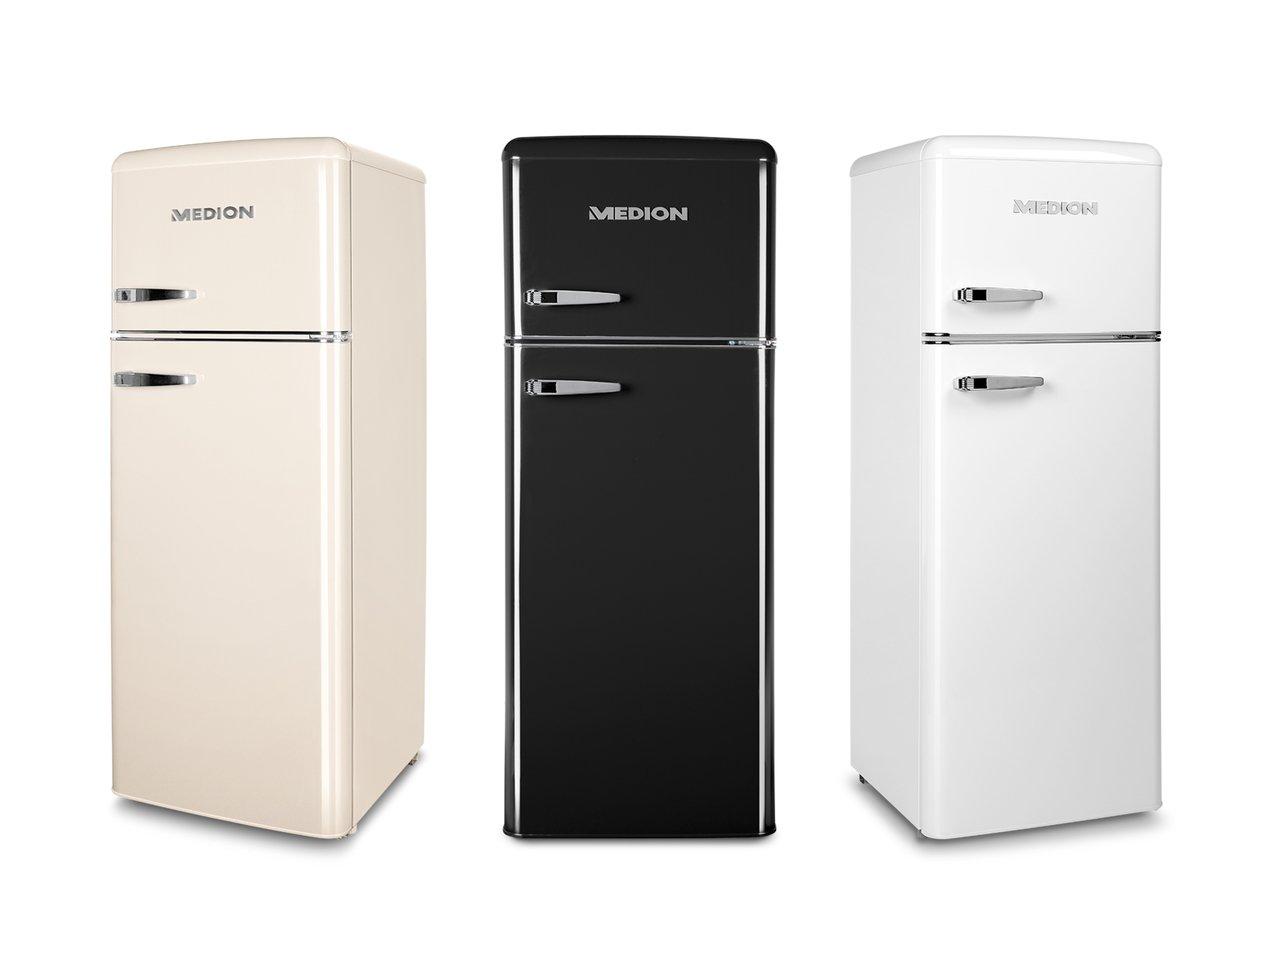 Retro Kühlschrank Amica Creme : Medion md 37258 kühl gefrierkombination 208 liter nutzinhalt 4